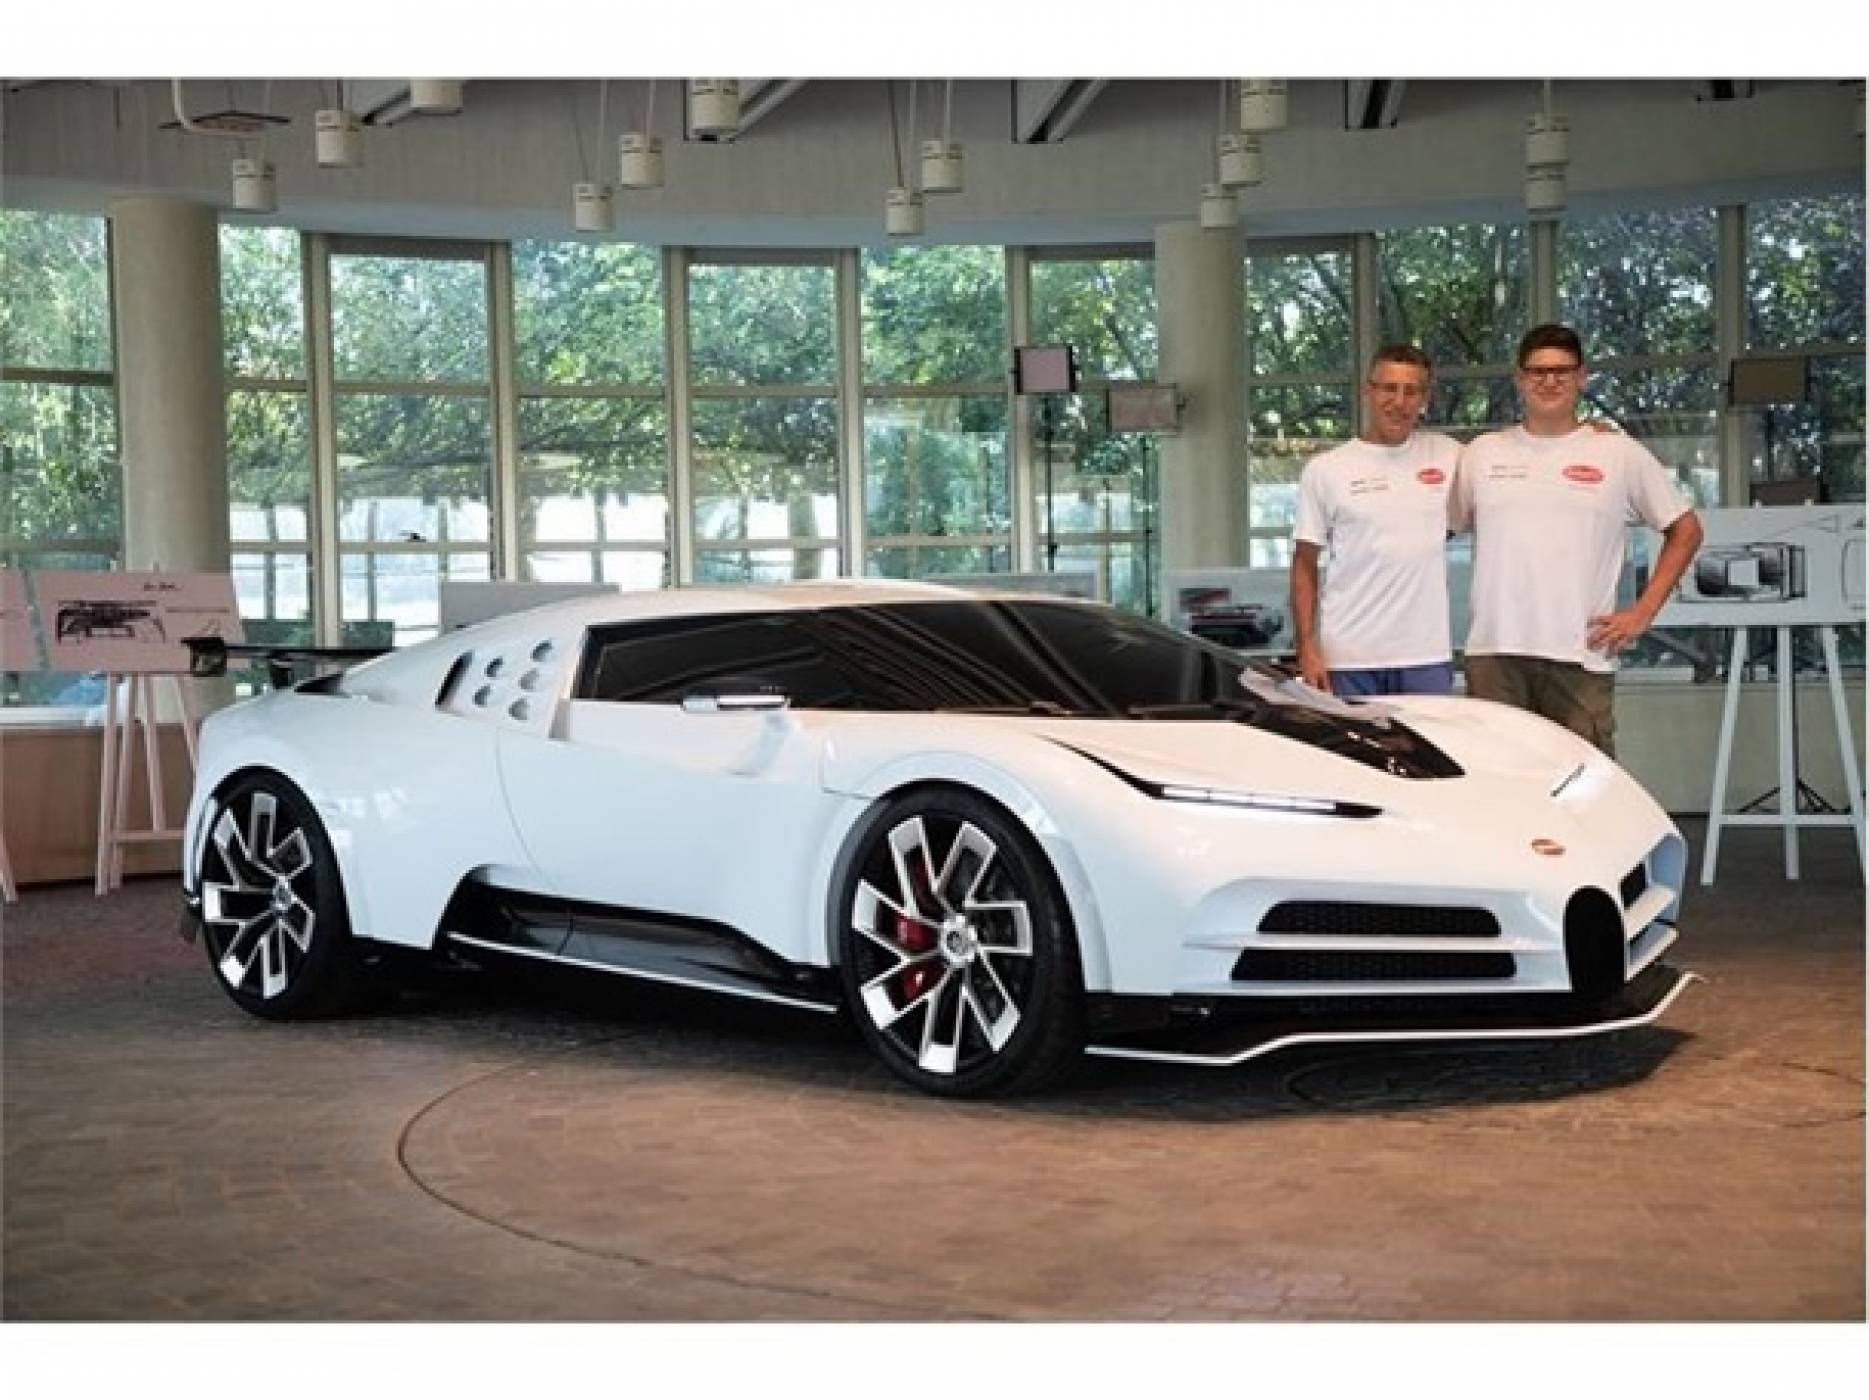 Ето как изглежда новият супер автомобил Bugatti, струващ $8.9 милиона